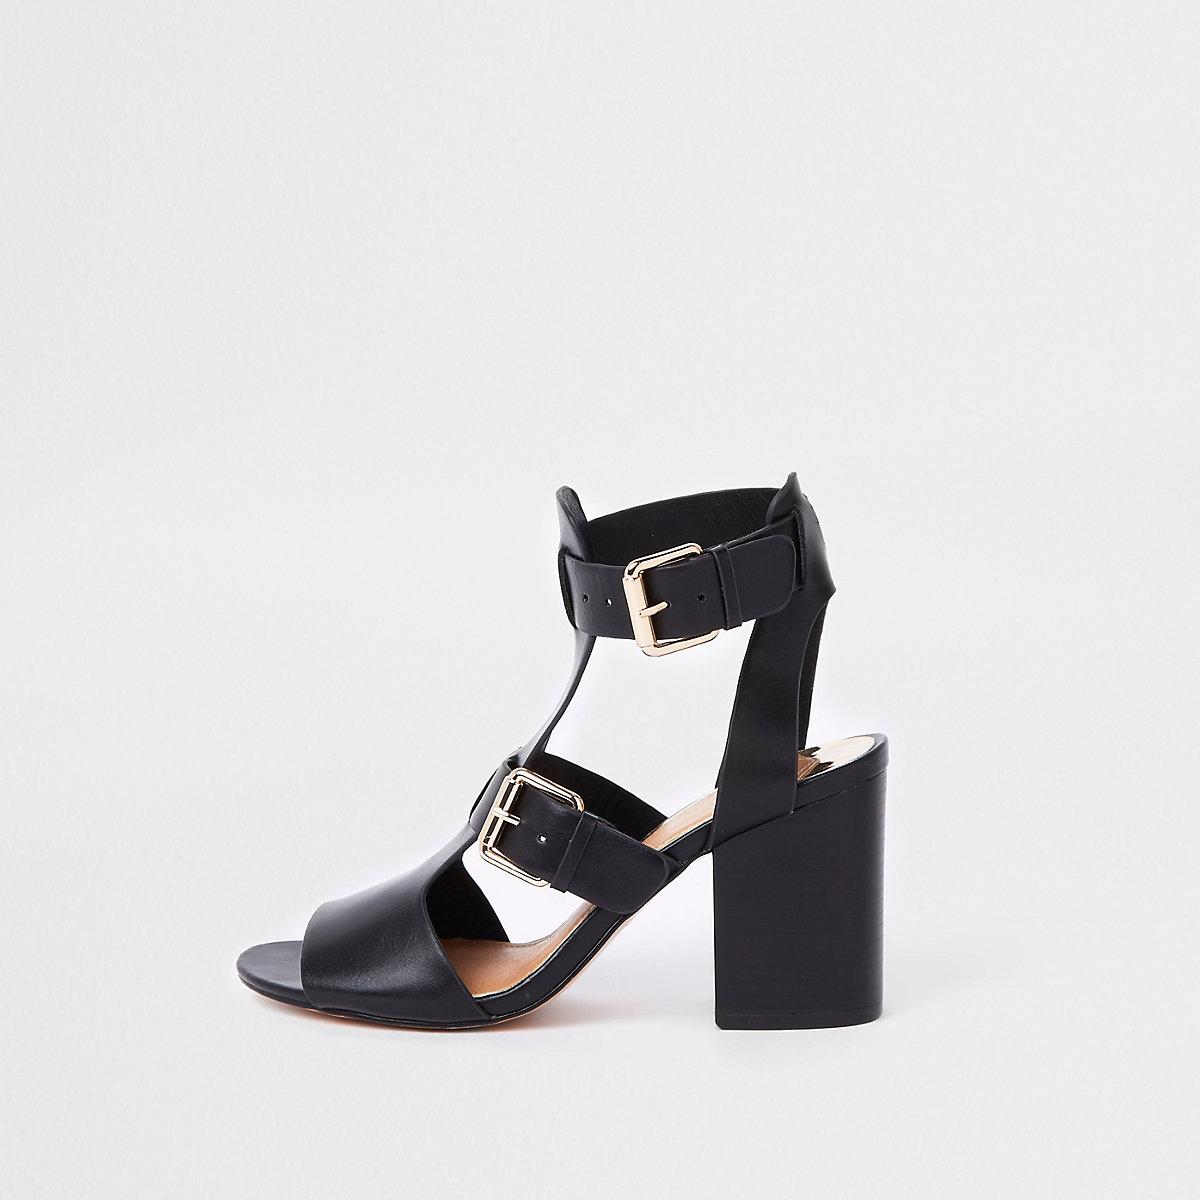 Black double buckle heels